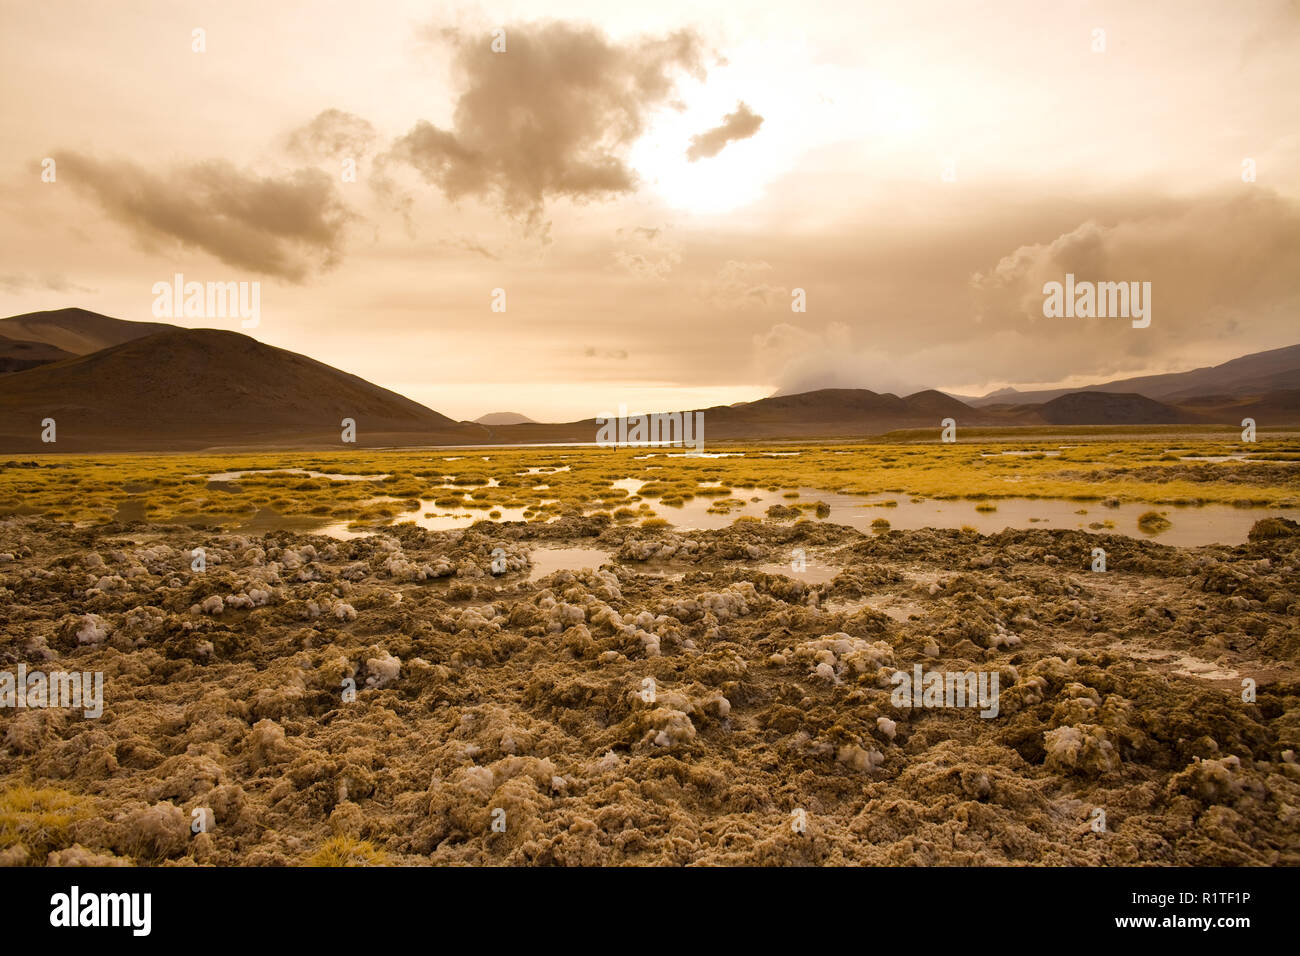 Crosta di sale sulla riva della laguna e salt lake Tuyajto ad una altitudine di 4300m, Altiplano (alto altopiano andino), los Flamencos riserva nazionale, Atac Immagini Stock